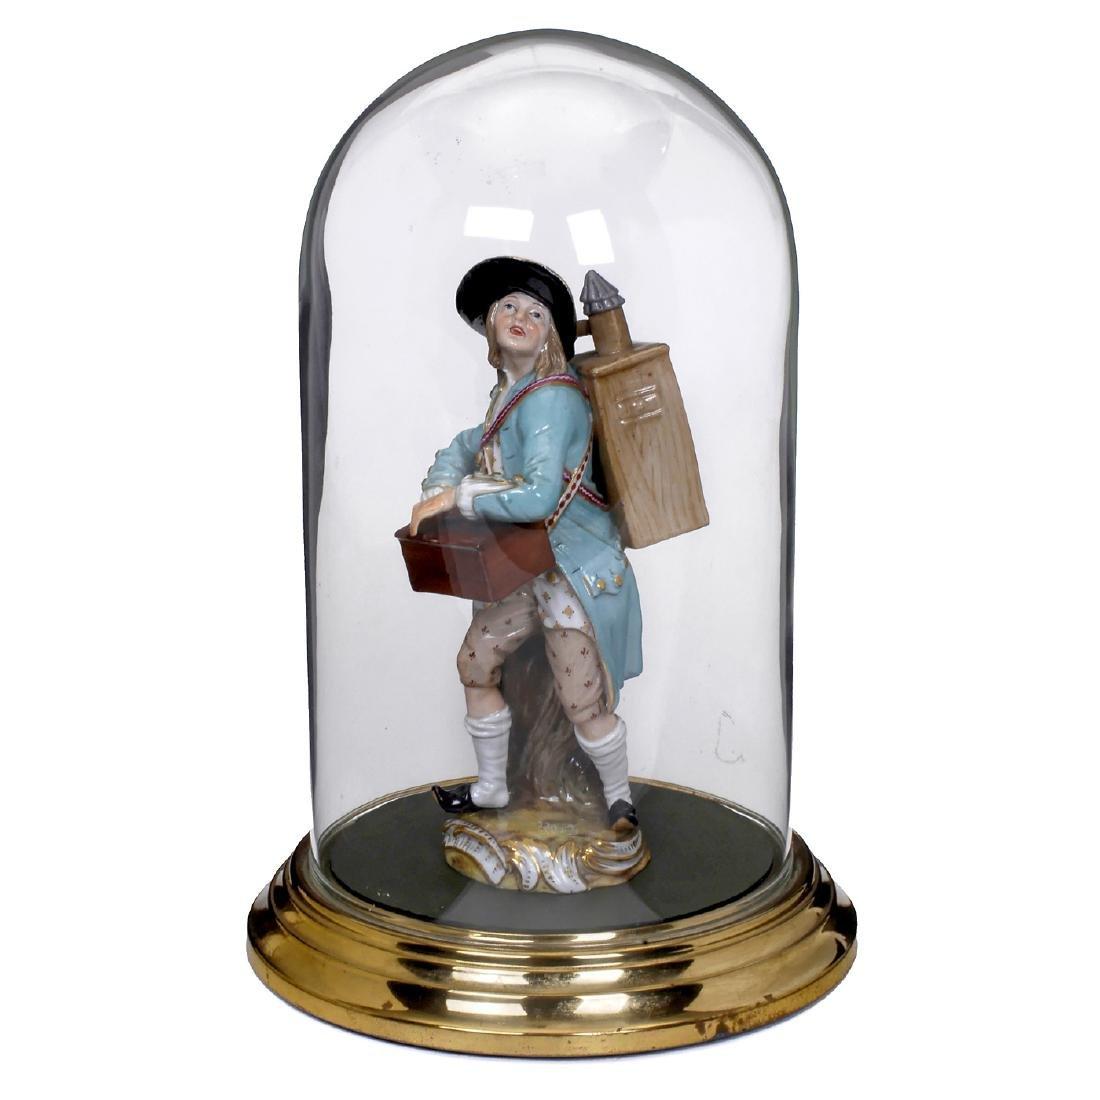 Porcelain Figure of a Magic Lanternist by Meissen, 19th